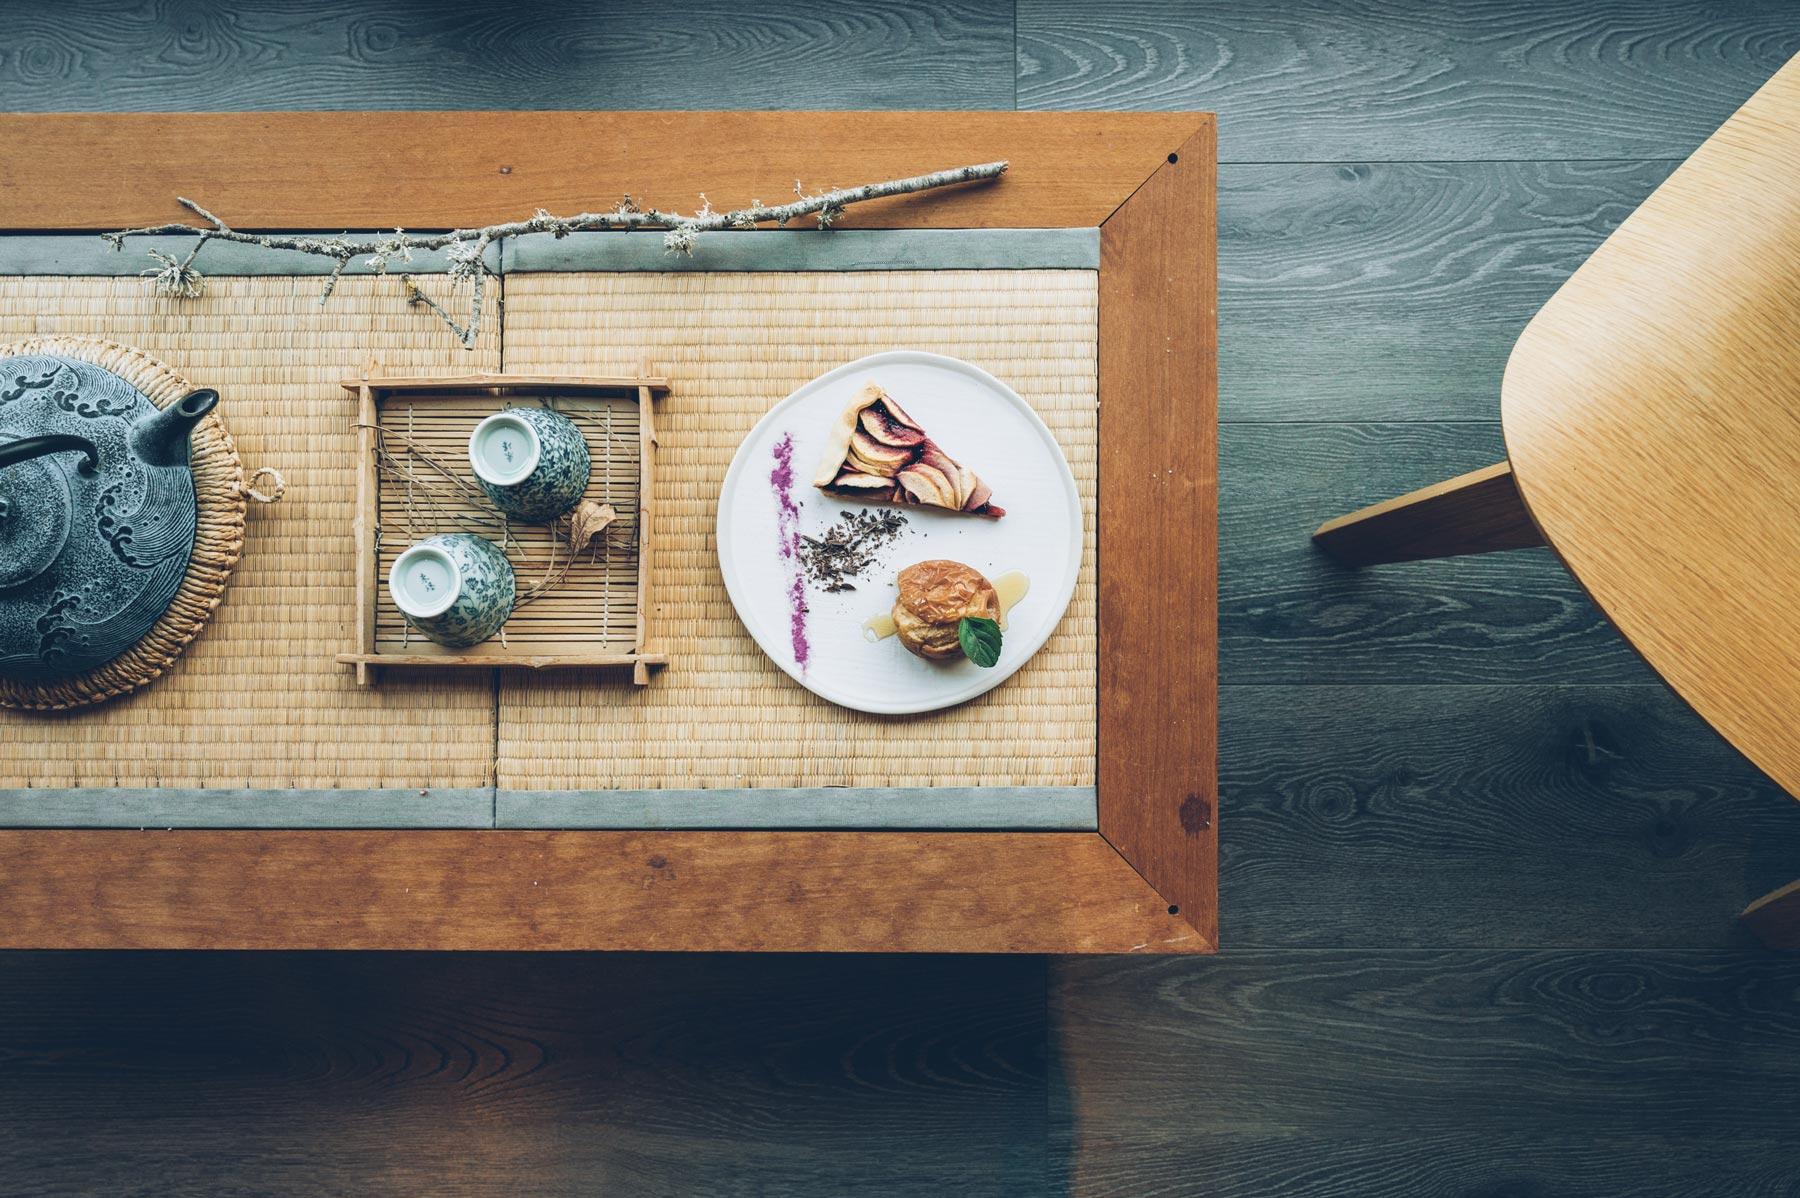 Ecolodge, Le Bruit de l'eau, Restaurant